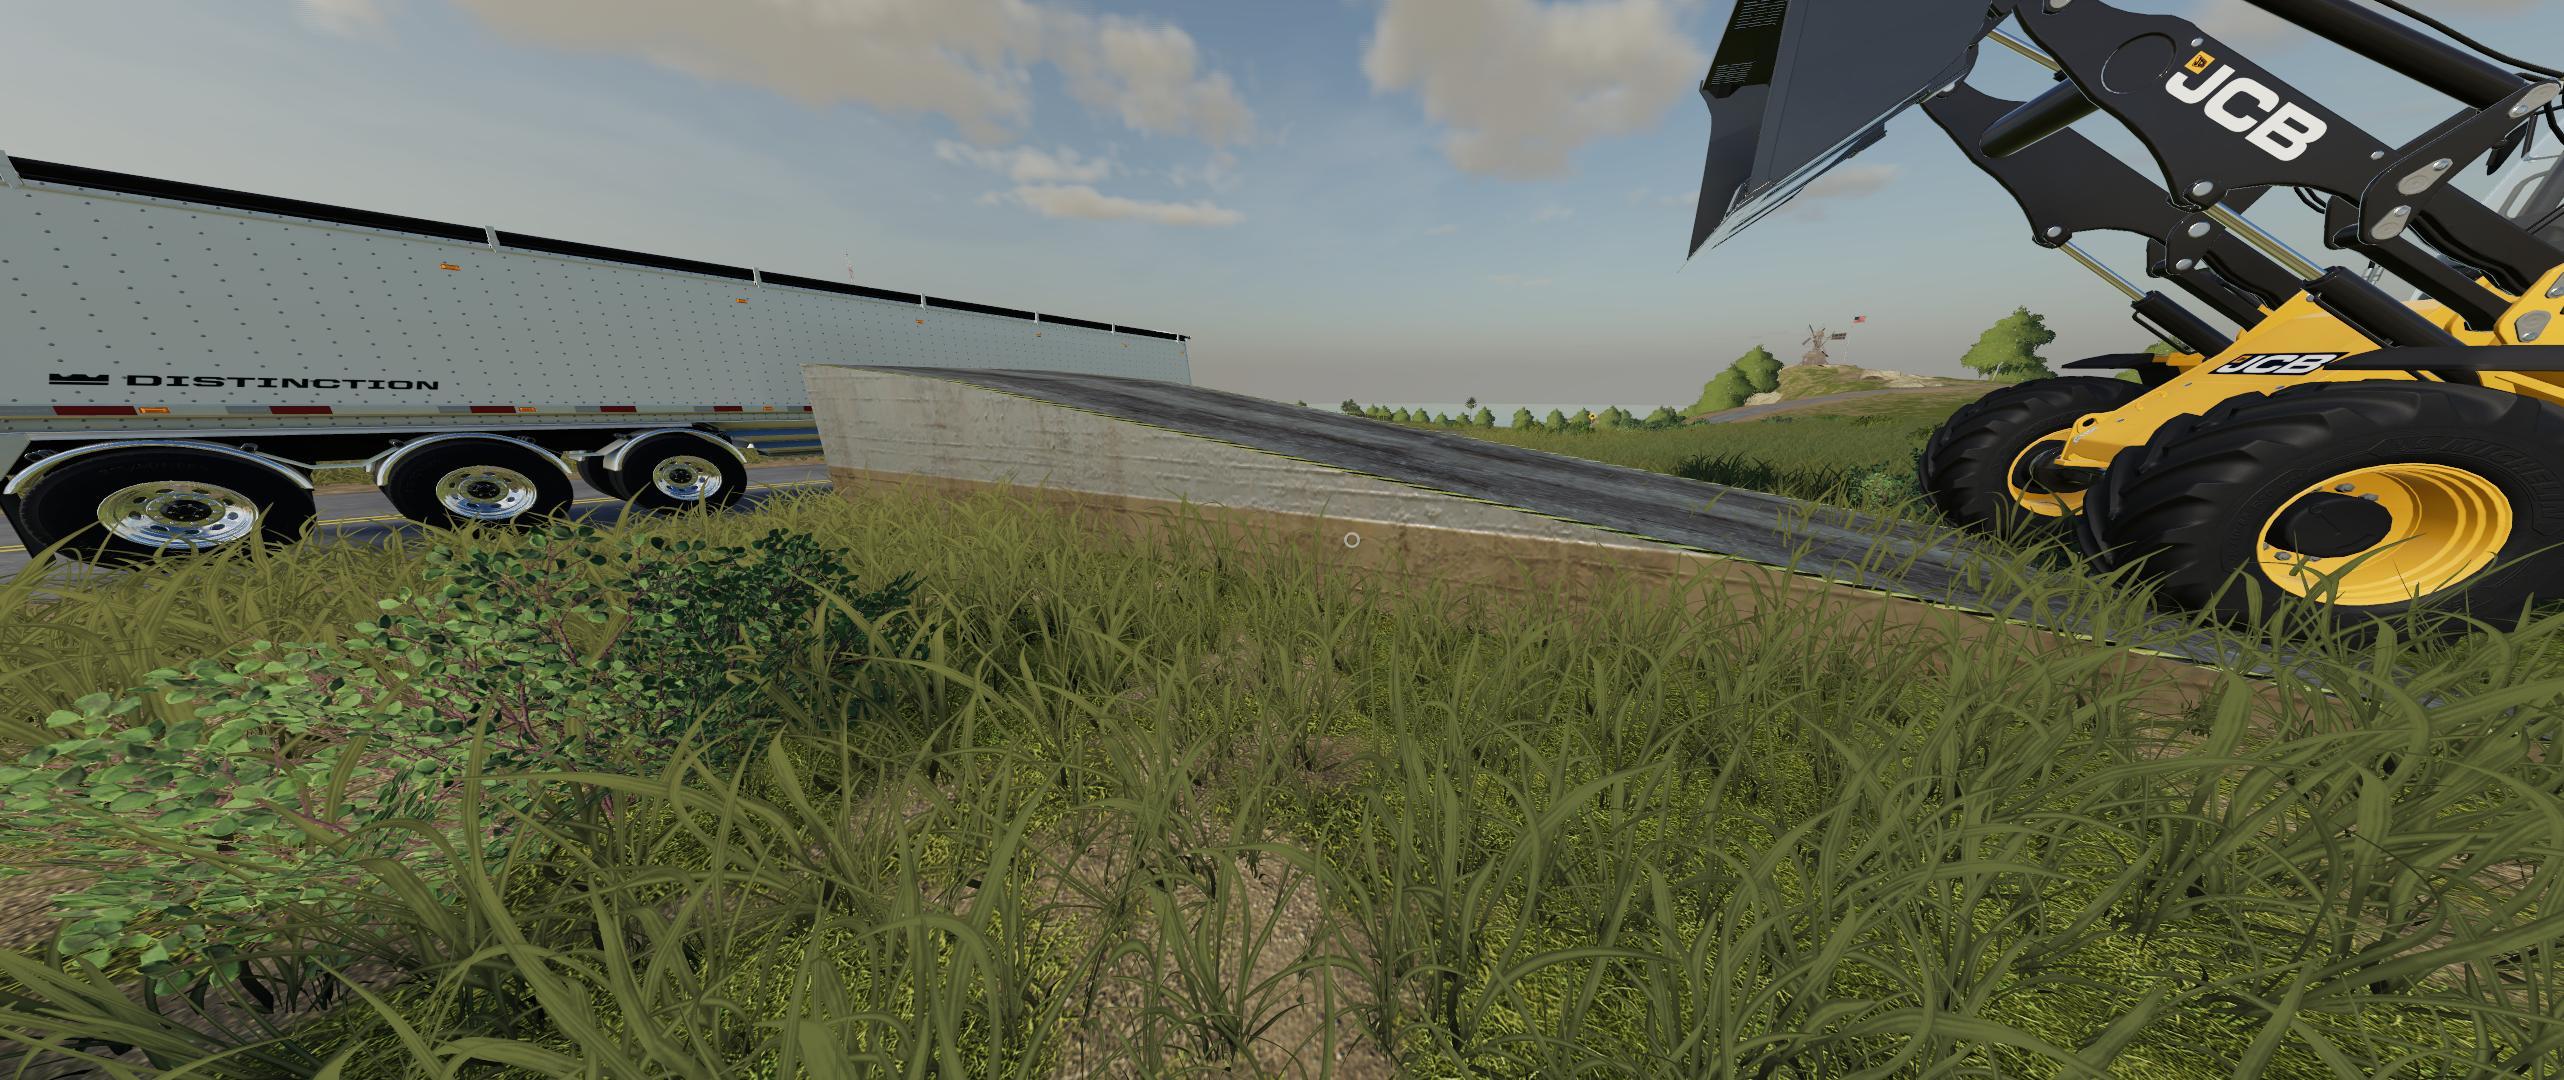 Ramp v 1 0   FS19 mods, Farming simulator 19 mods